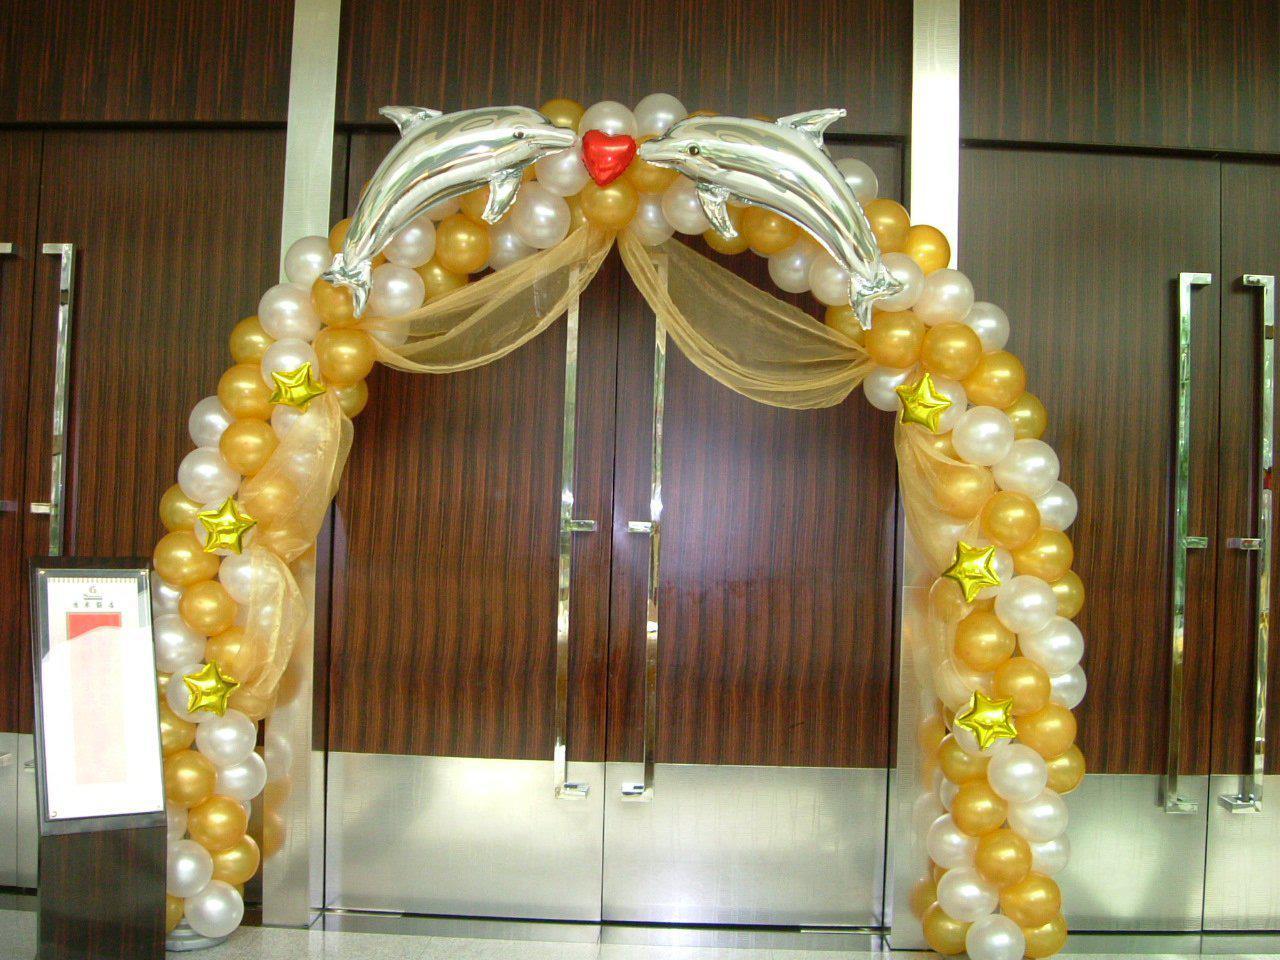 Al por mayor , El oro, la plata delfín arco profesional de decoración con globos. comercial de cumpleaños, de boda en globo